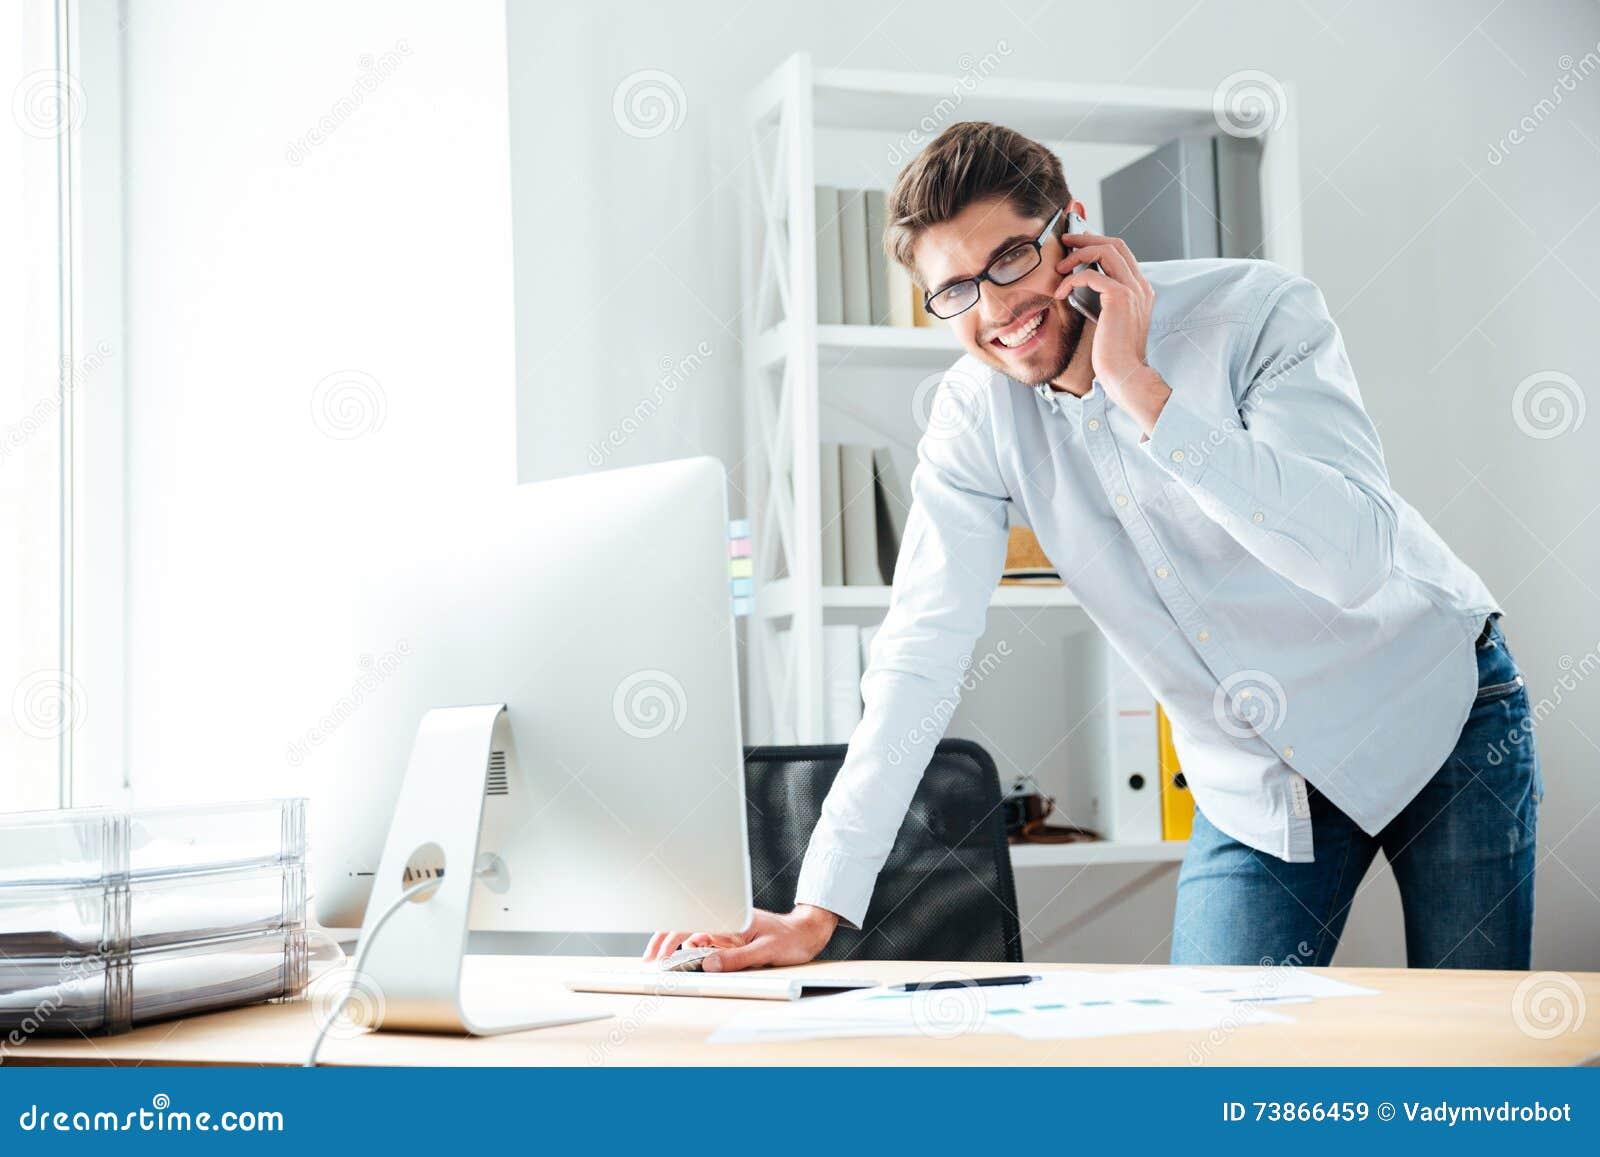 Χαμογελώντας νέος επιχειρηματίας χρησιμοποιώντας τον υπολογιστή και μιλώντας στο κινητό τηλέφωνο